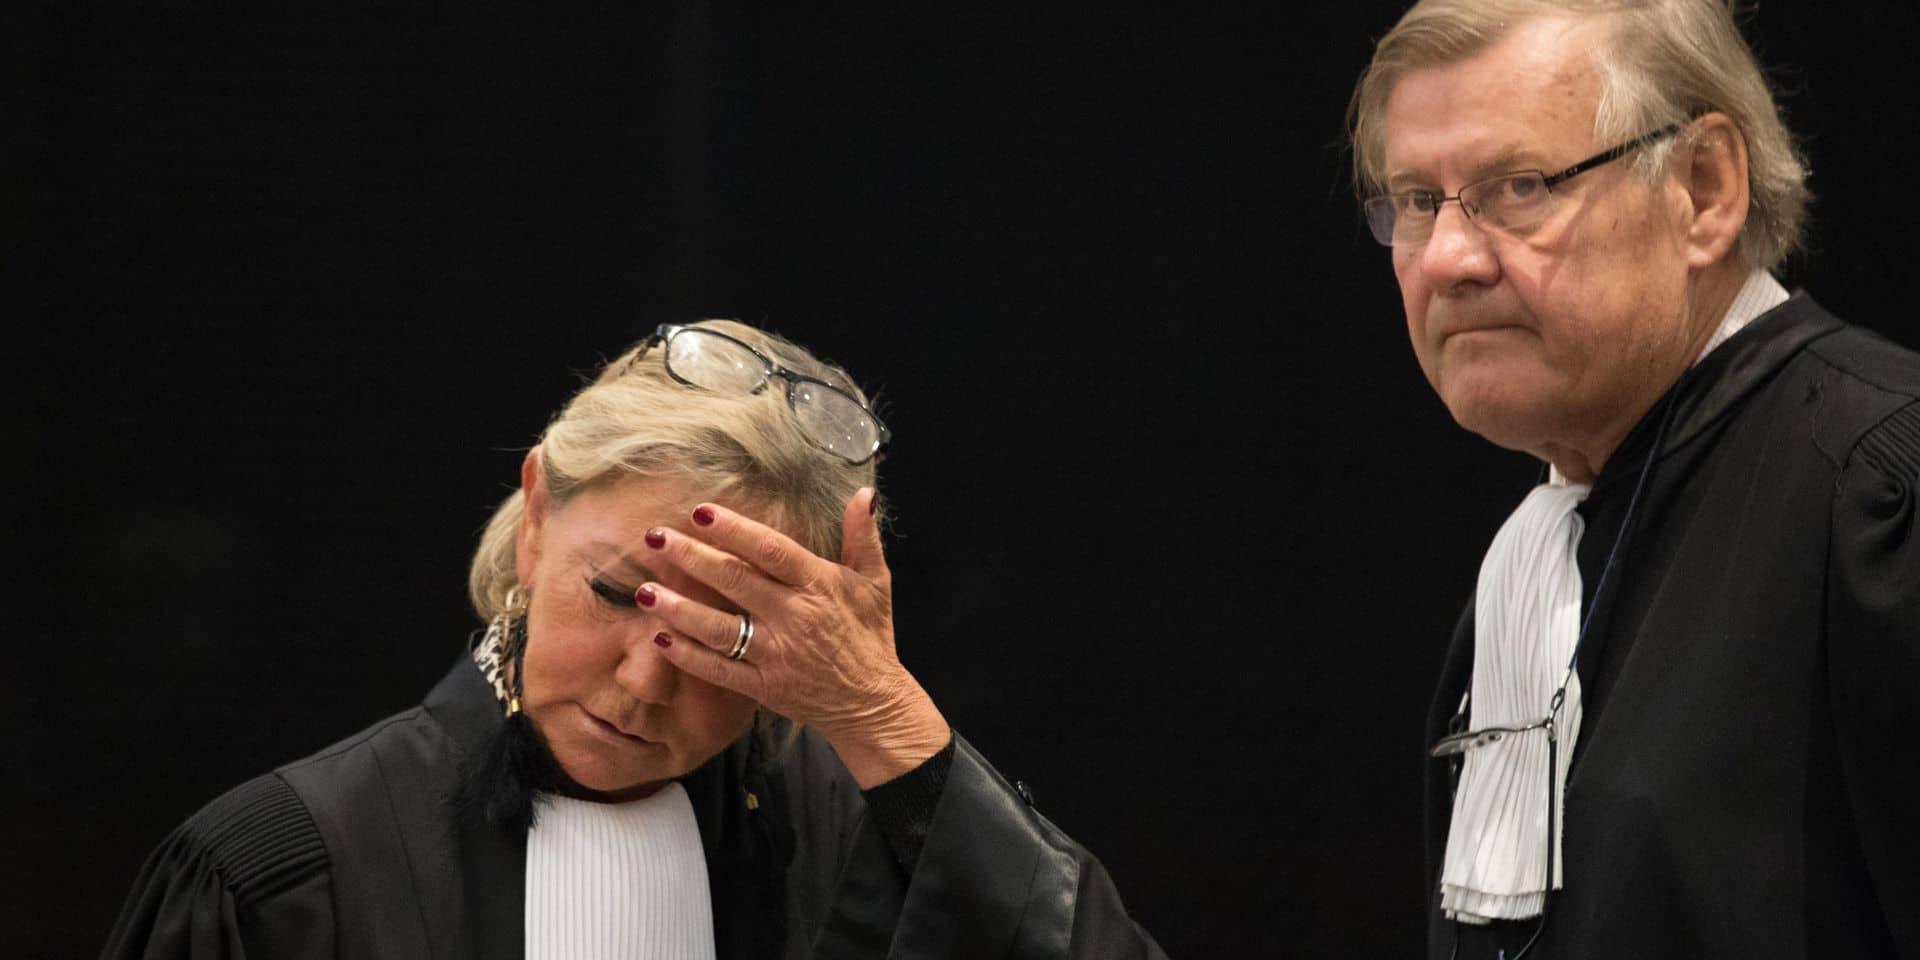 Meurtre de Jean-Claude Libiez à Roisin: les avocats de Thomas Audin et Sylvie Cuelle plaident l'acquittement